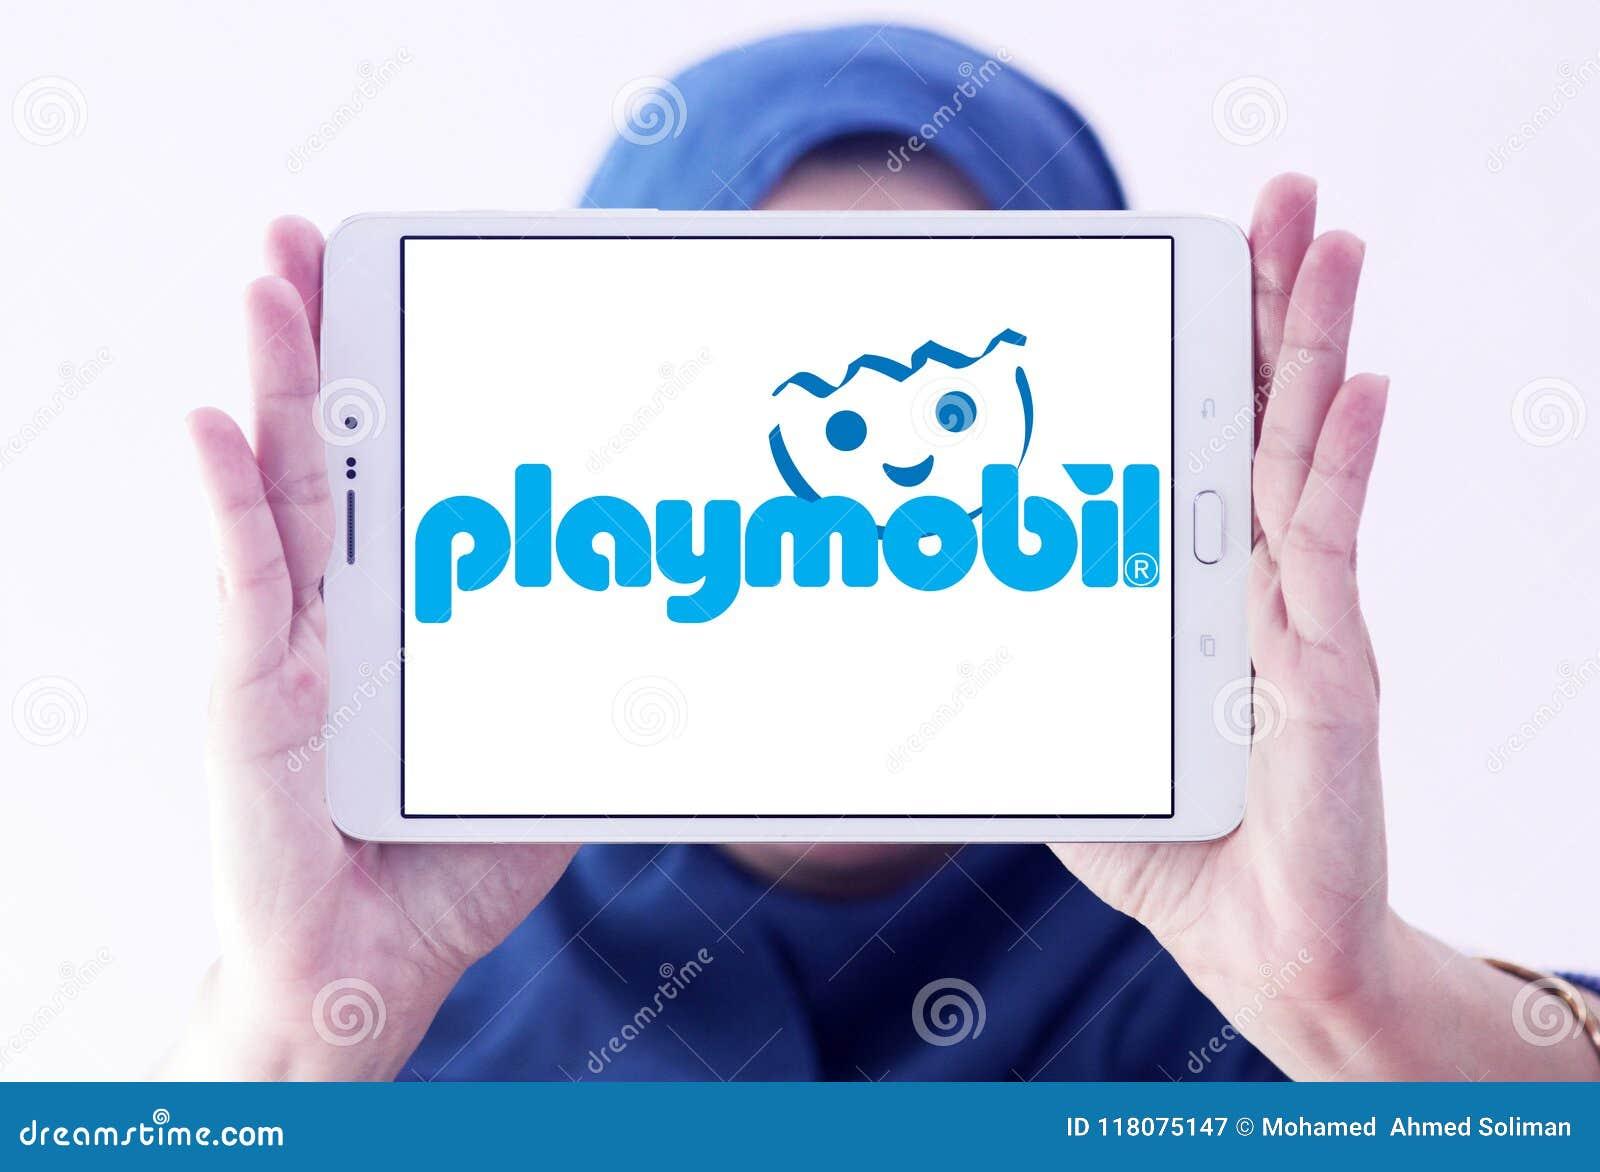 Joue De Playmobil Logo Du Le Marque Photographie Image Éditorial qUGLMSVpz